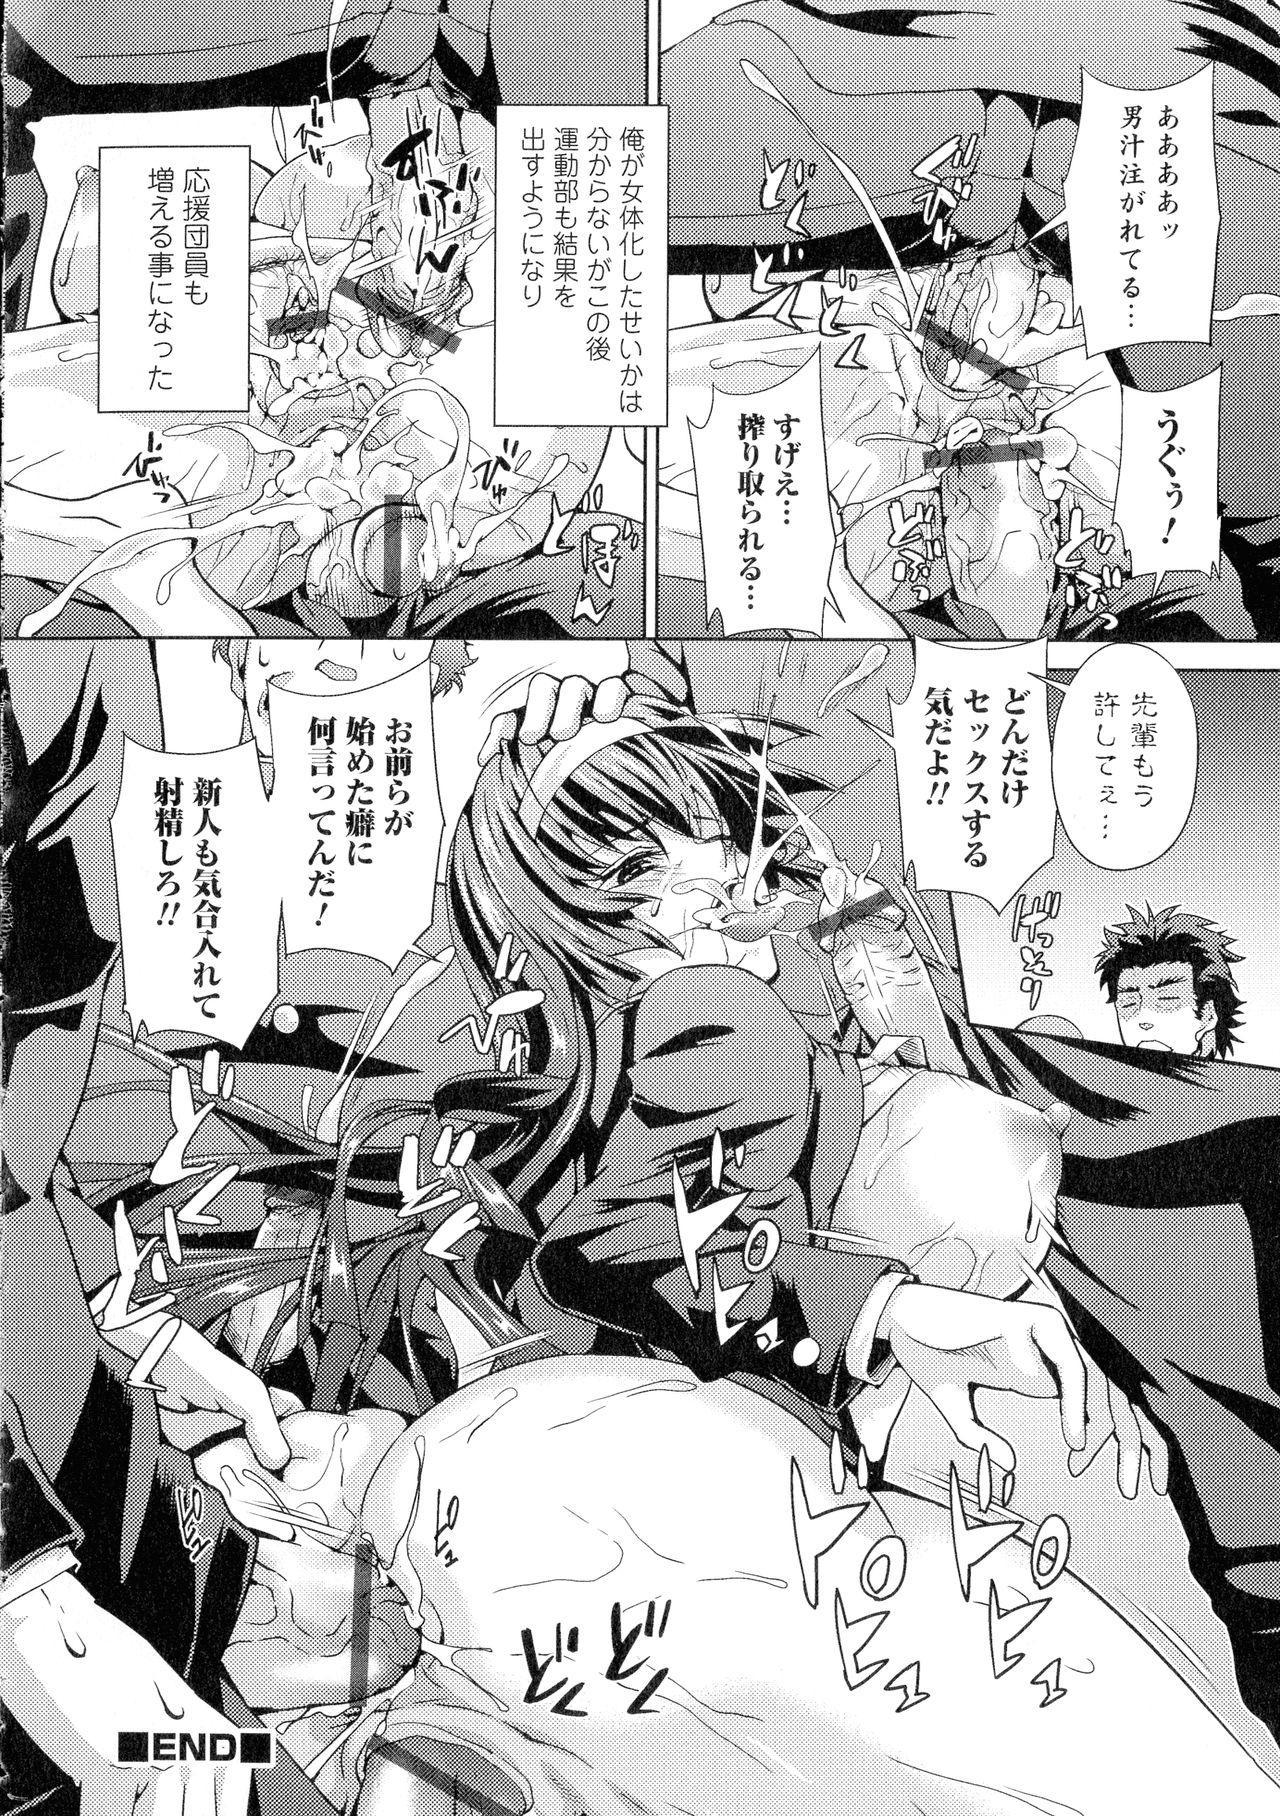 Futanari Tsunagari - Androgynos Sexual intercourse 112